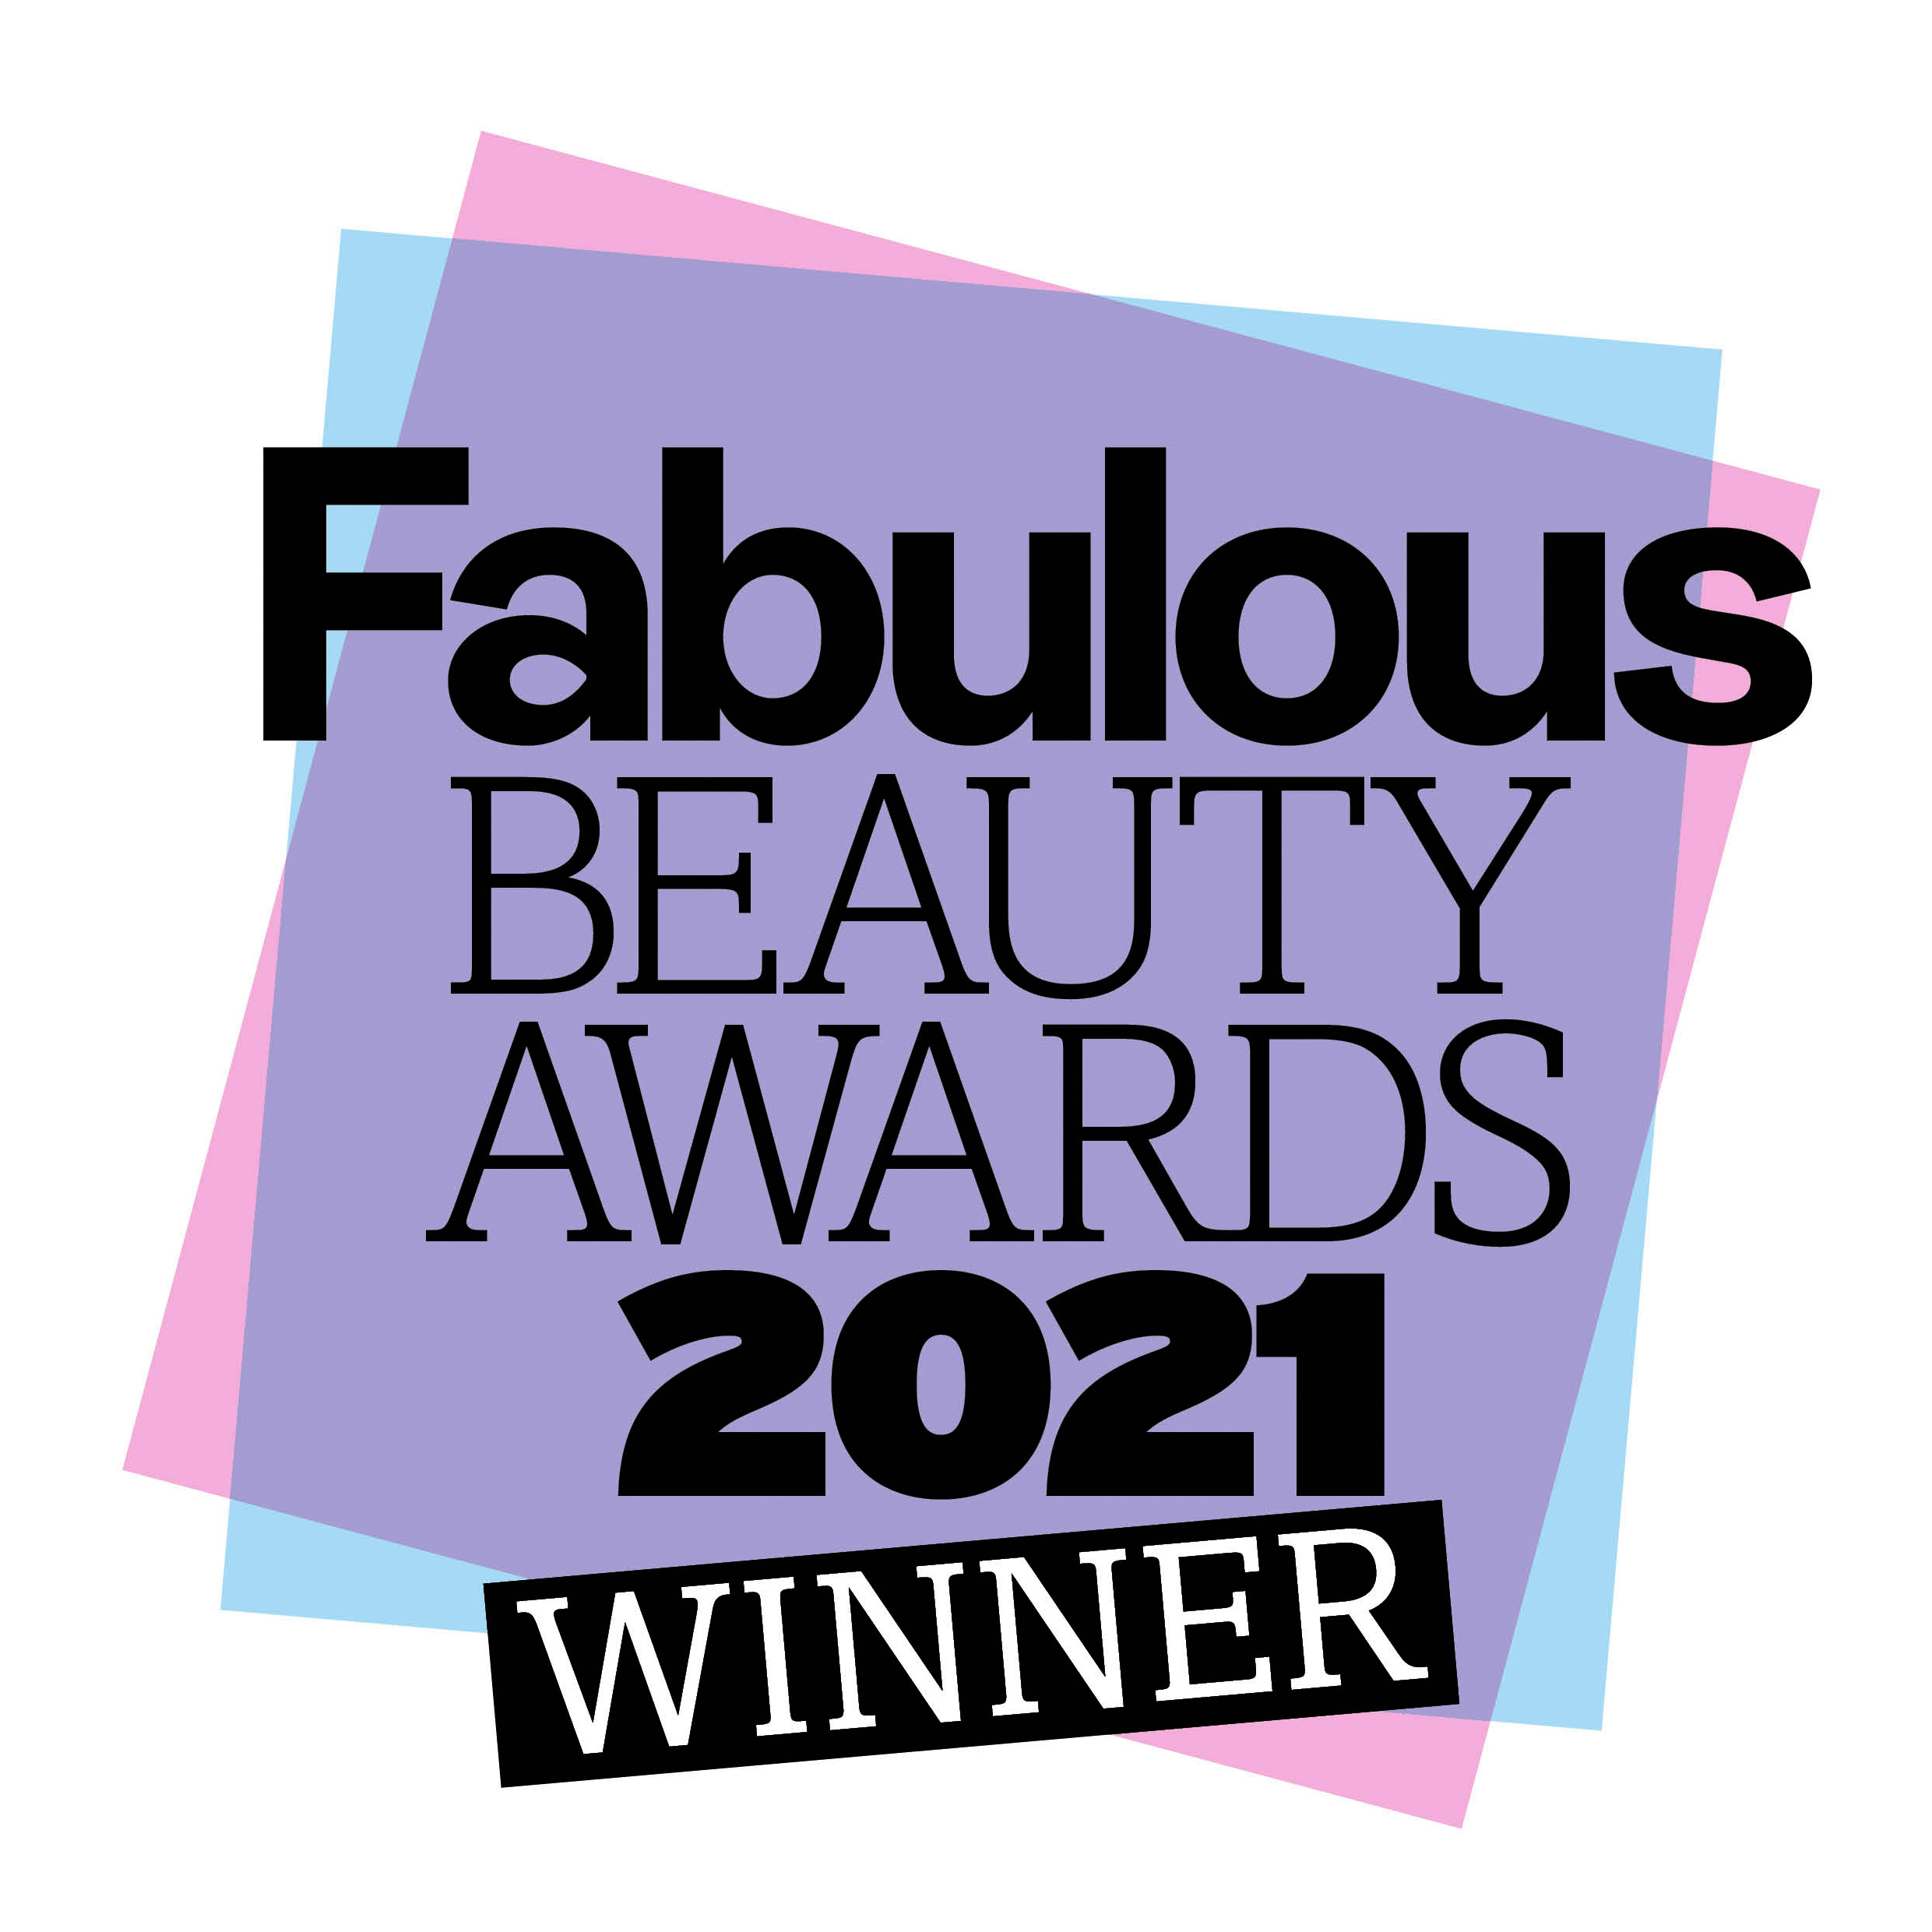 Fabulous Beauty Awards Winners 2021